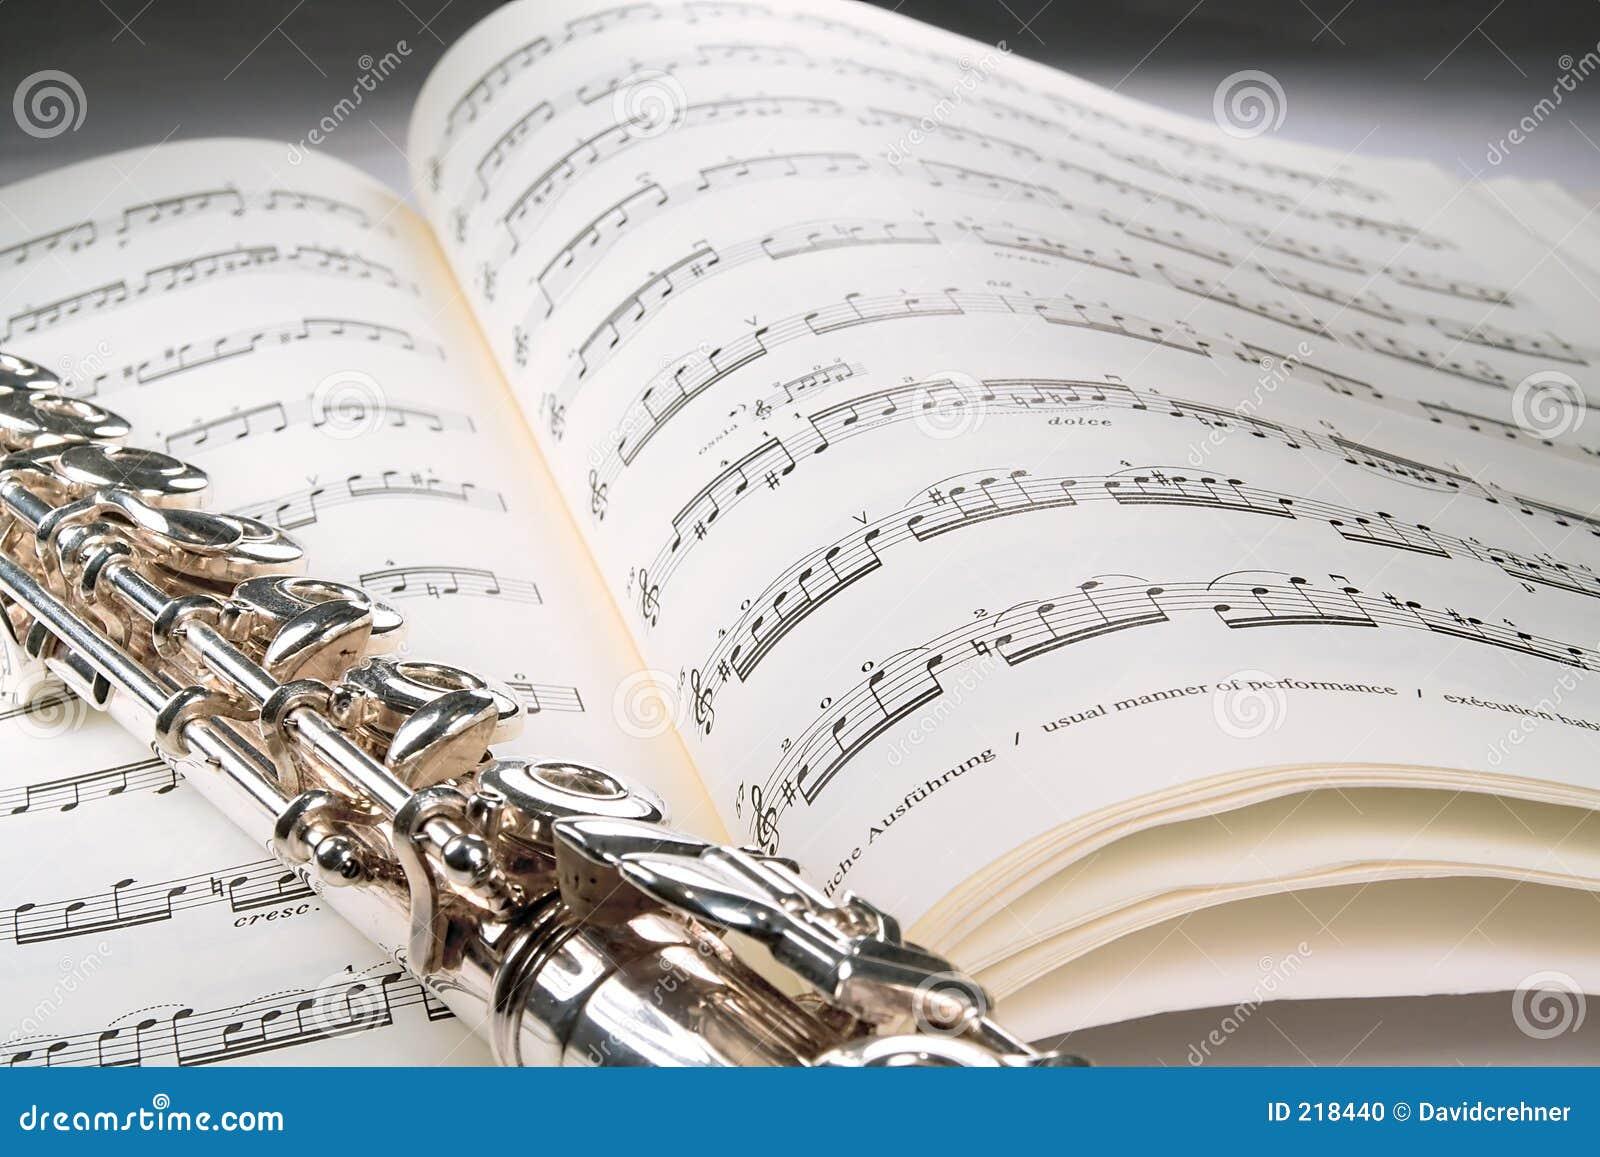 Scanali in su un segno musicale aperto con priorità bassa grigia